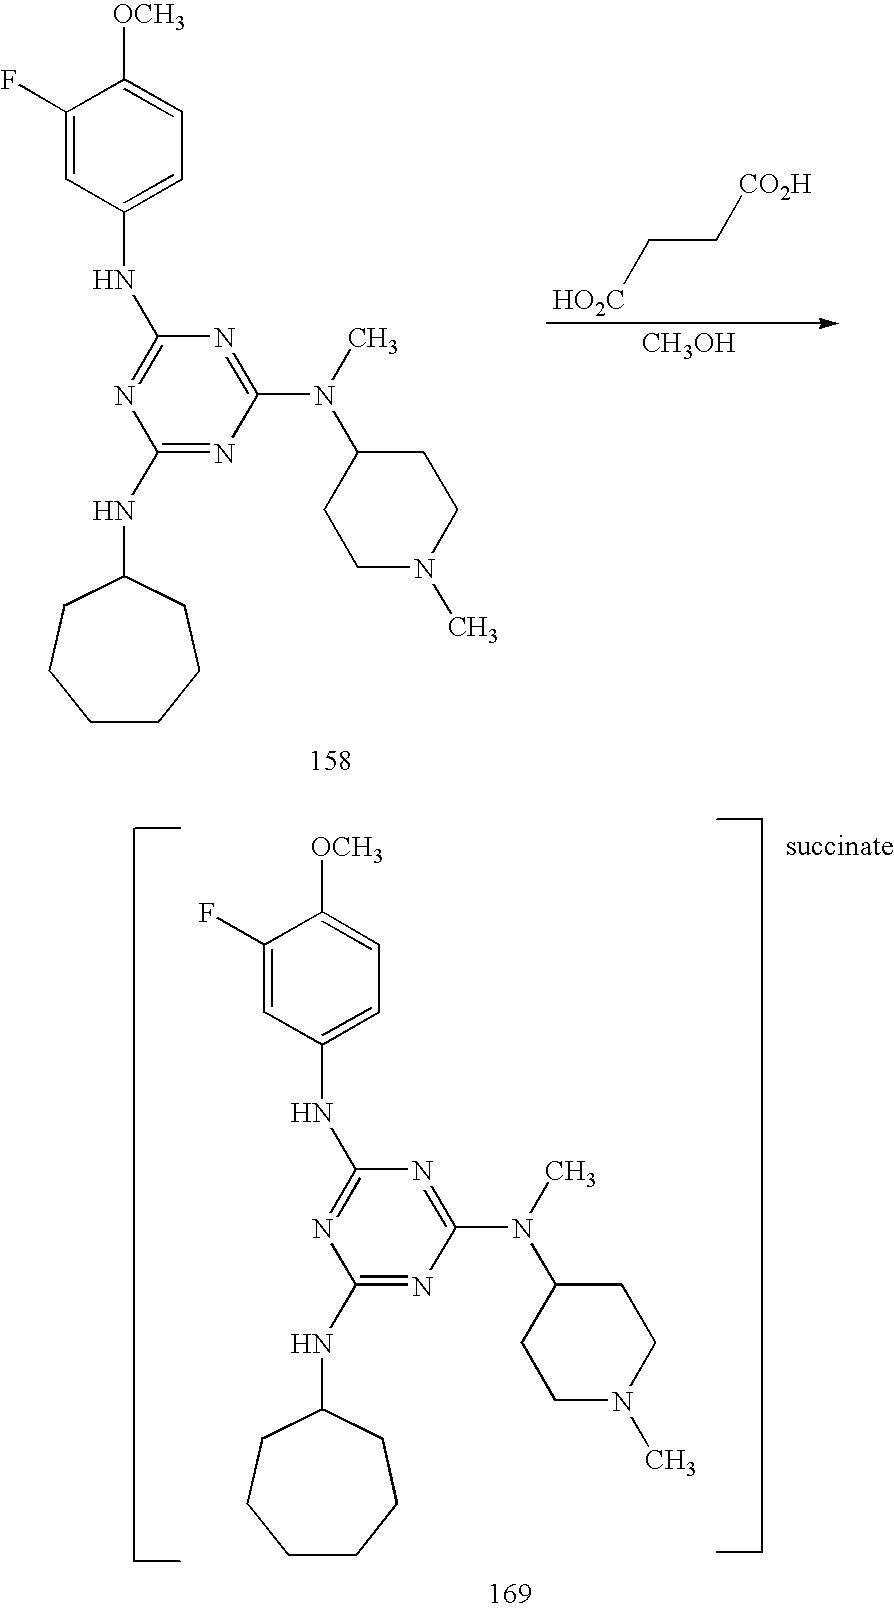 Figure US20050113341A1-20050526-C00190